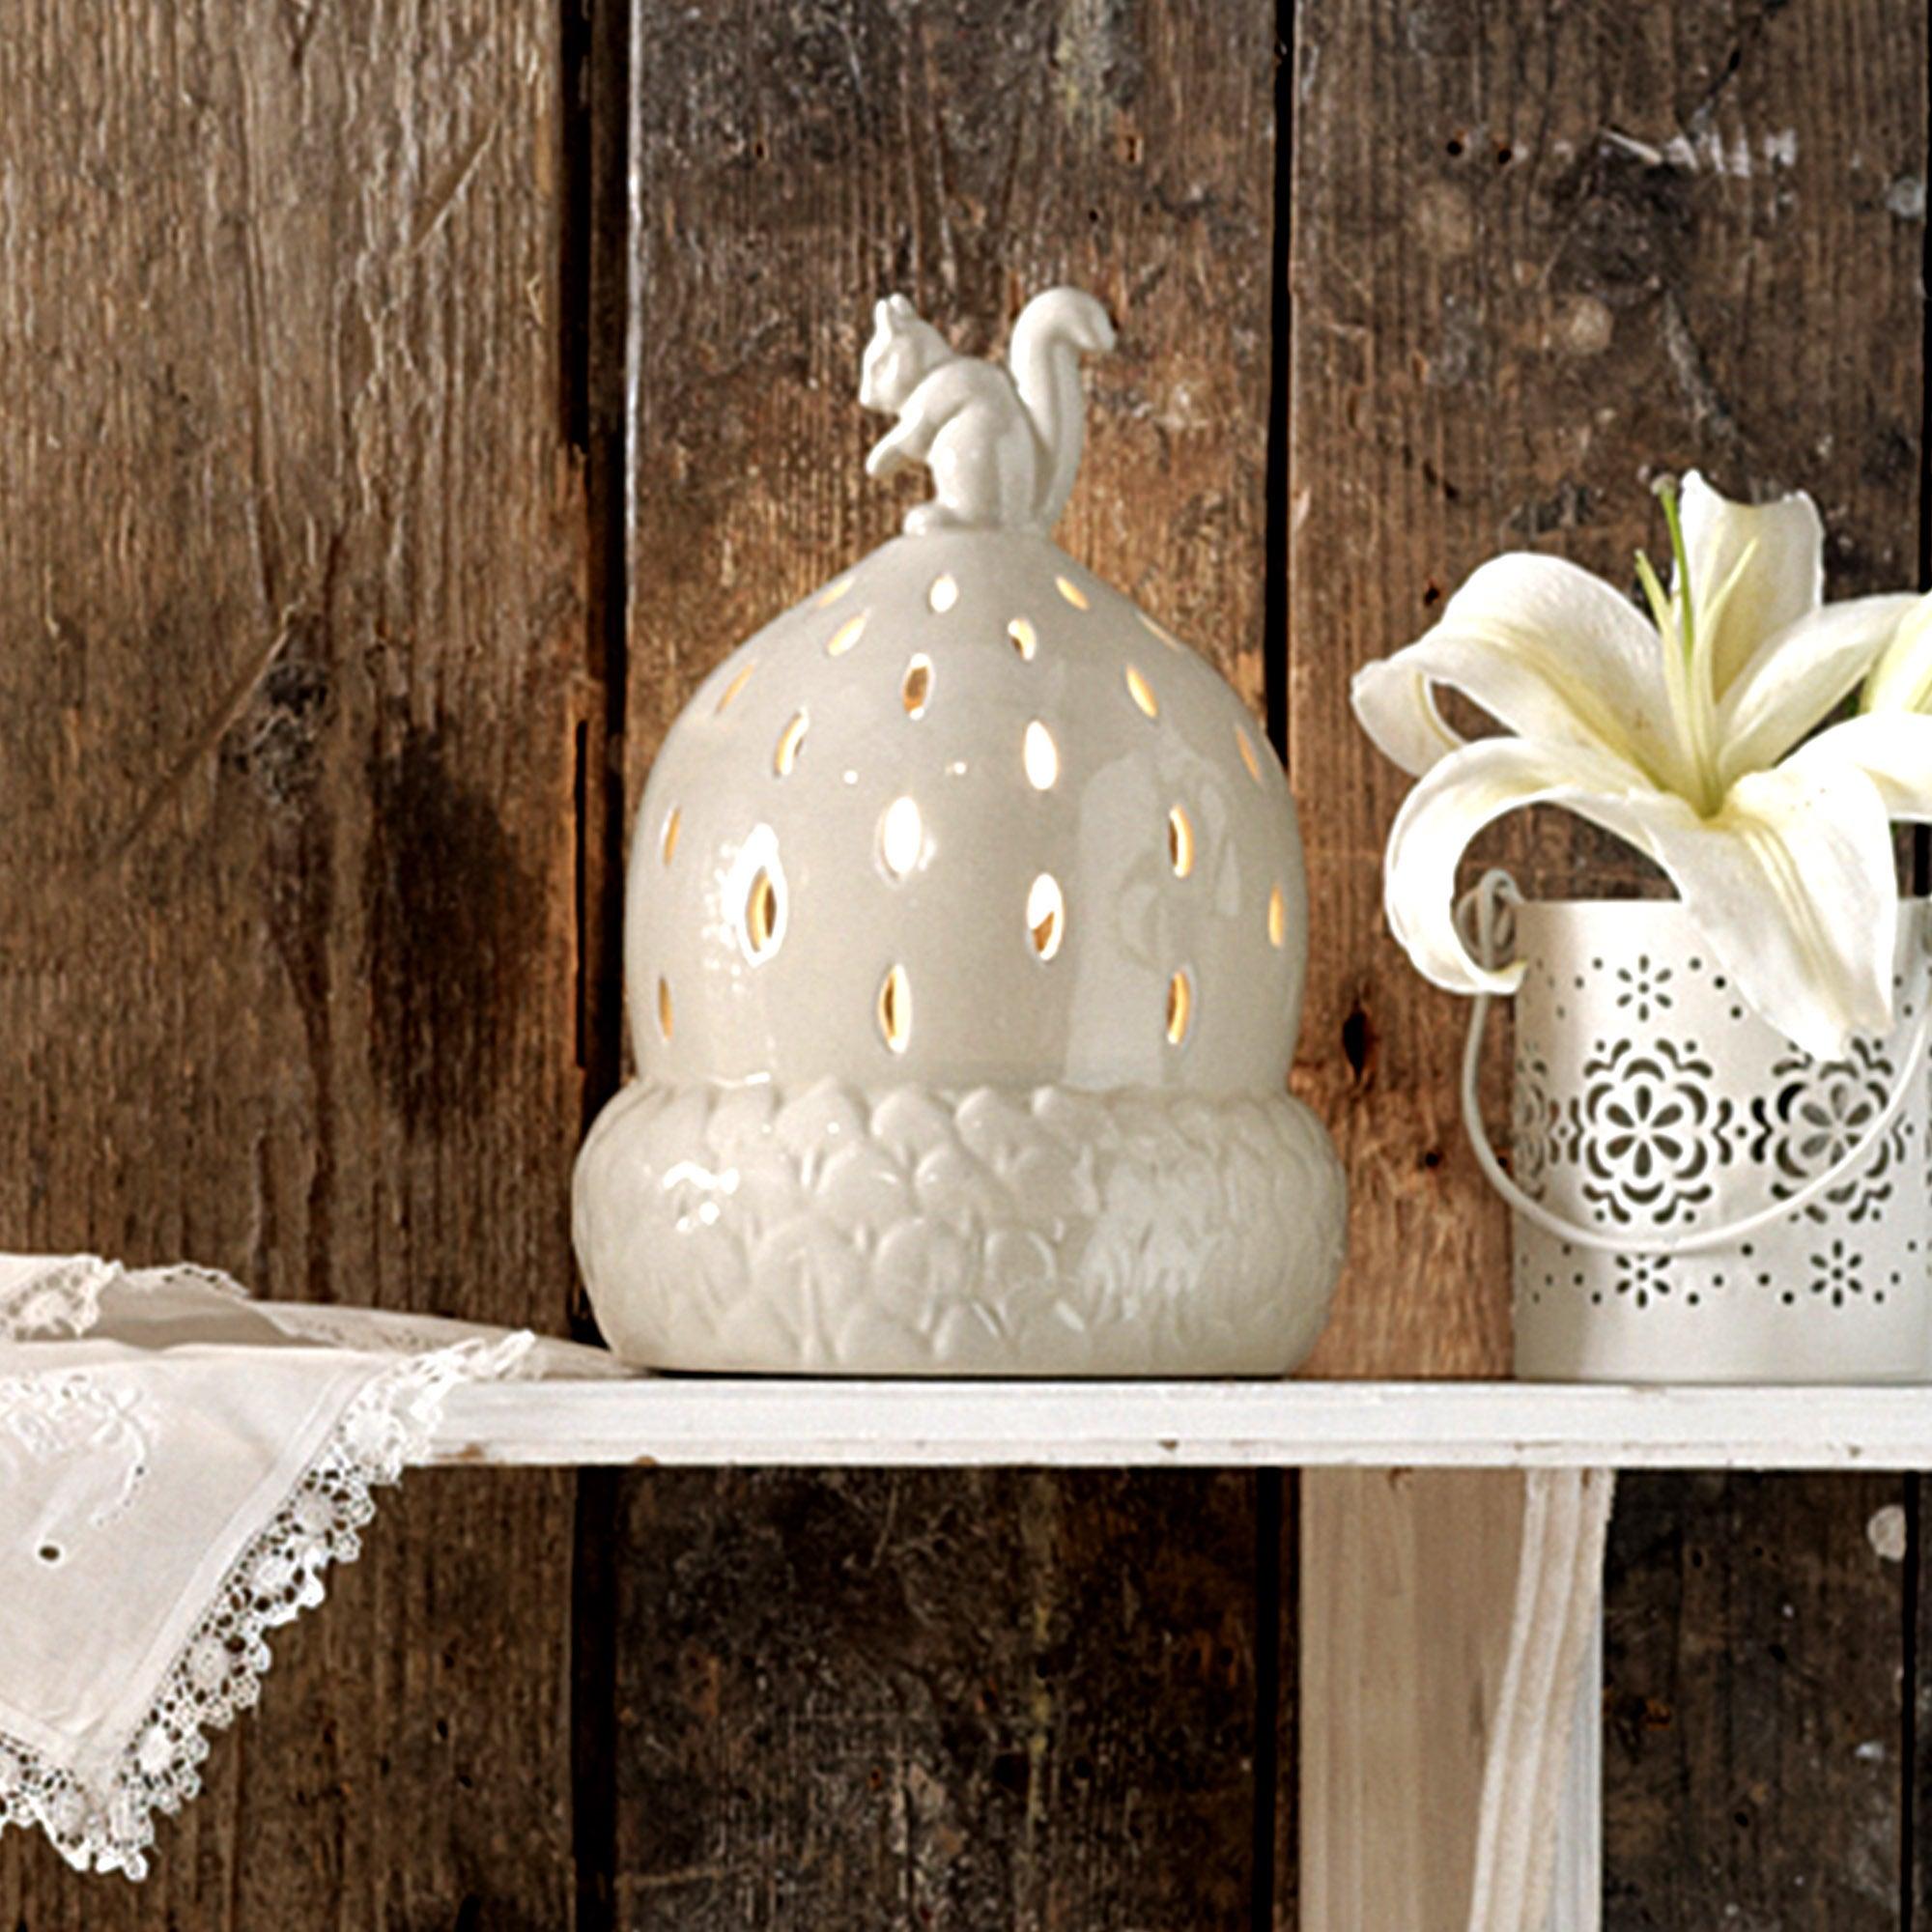 Acorn and Squirrel Ceramic Table Lamp